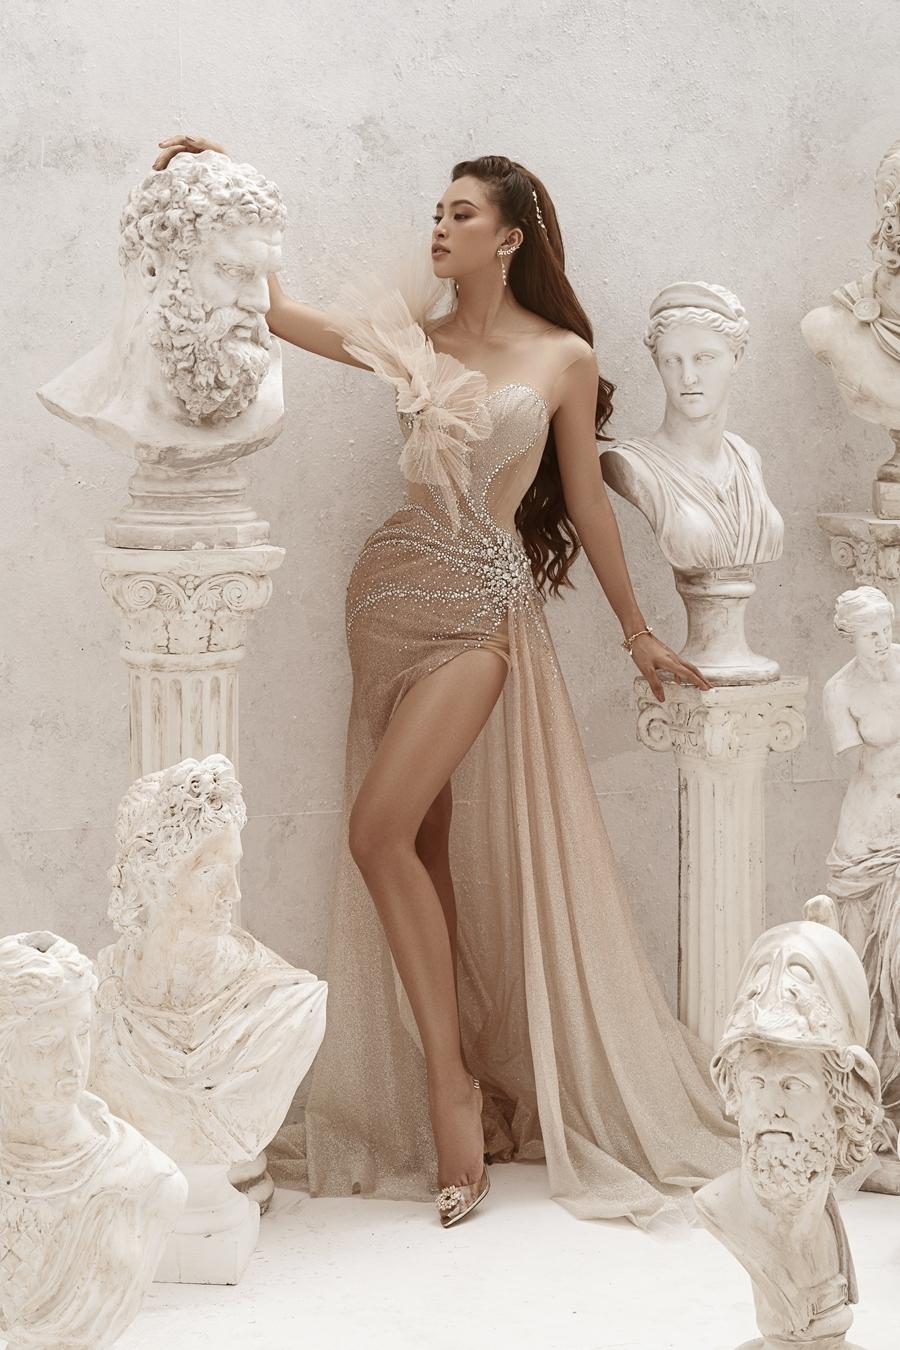 Hoa hậu Tiểu Vy lẽ ra sẽ trình diễn trong show của nhà thiết kế Anh Thư vào tối 2/8. Ảnh: Milor.